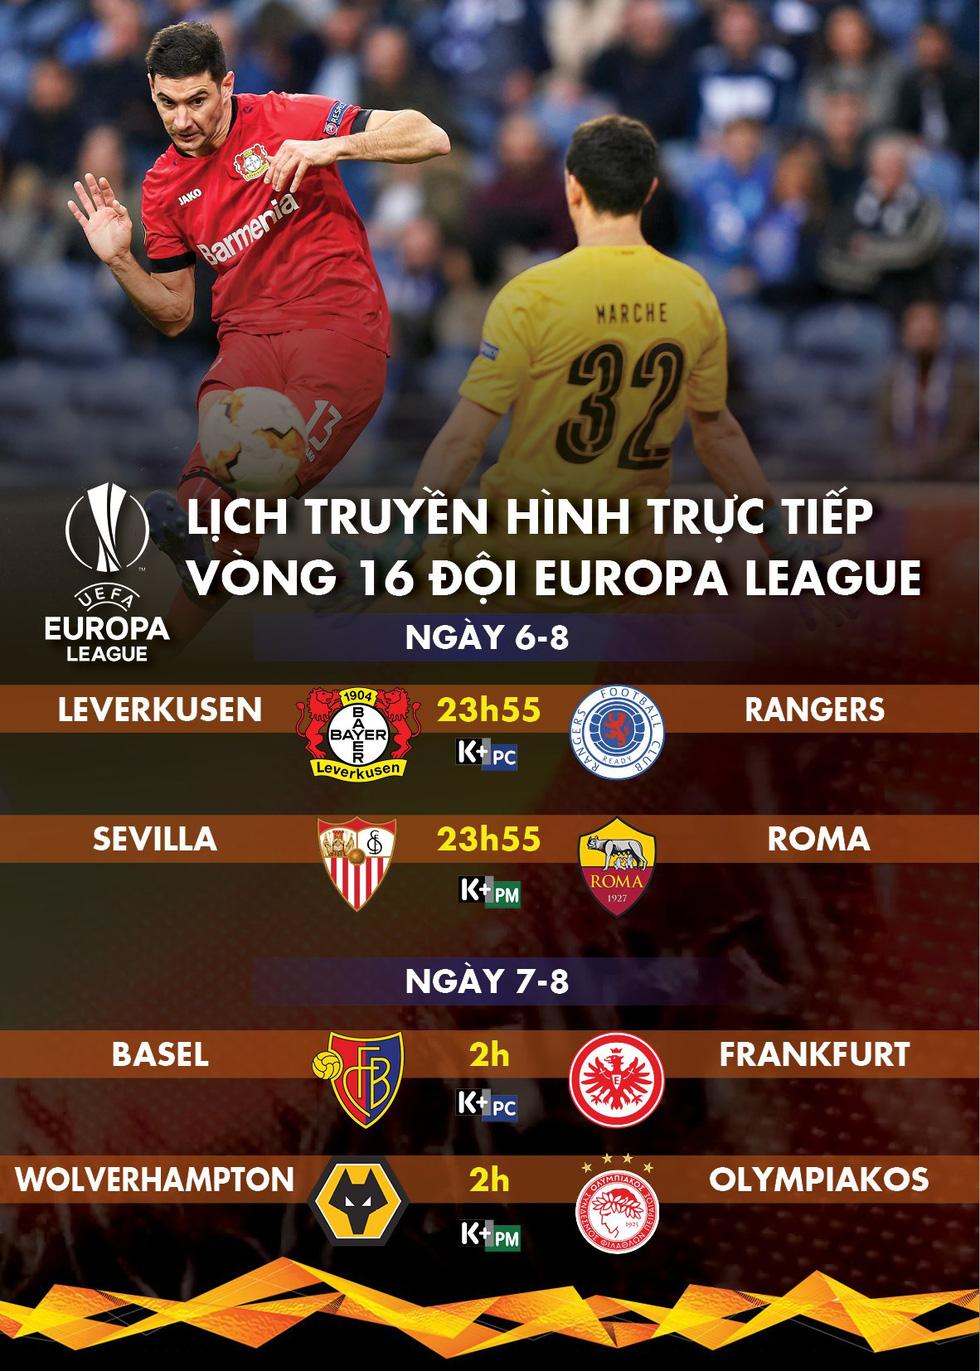 Lịch trực tiếp vòng 16 đội Europa League: Nhiều cuộc tranh tài nảy lửa - Ảnh 1.